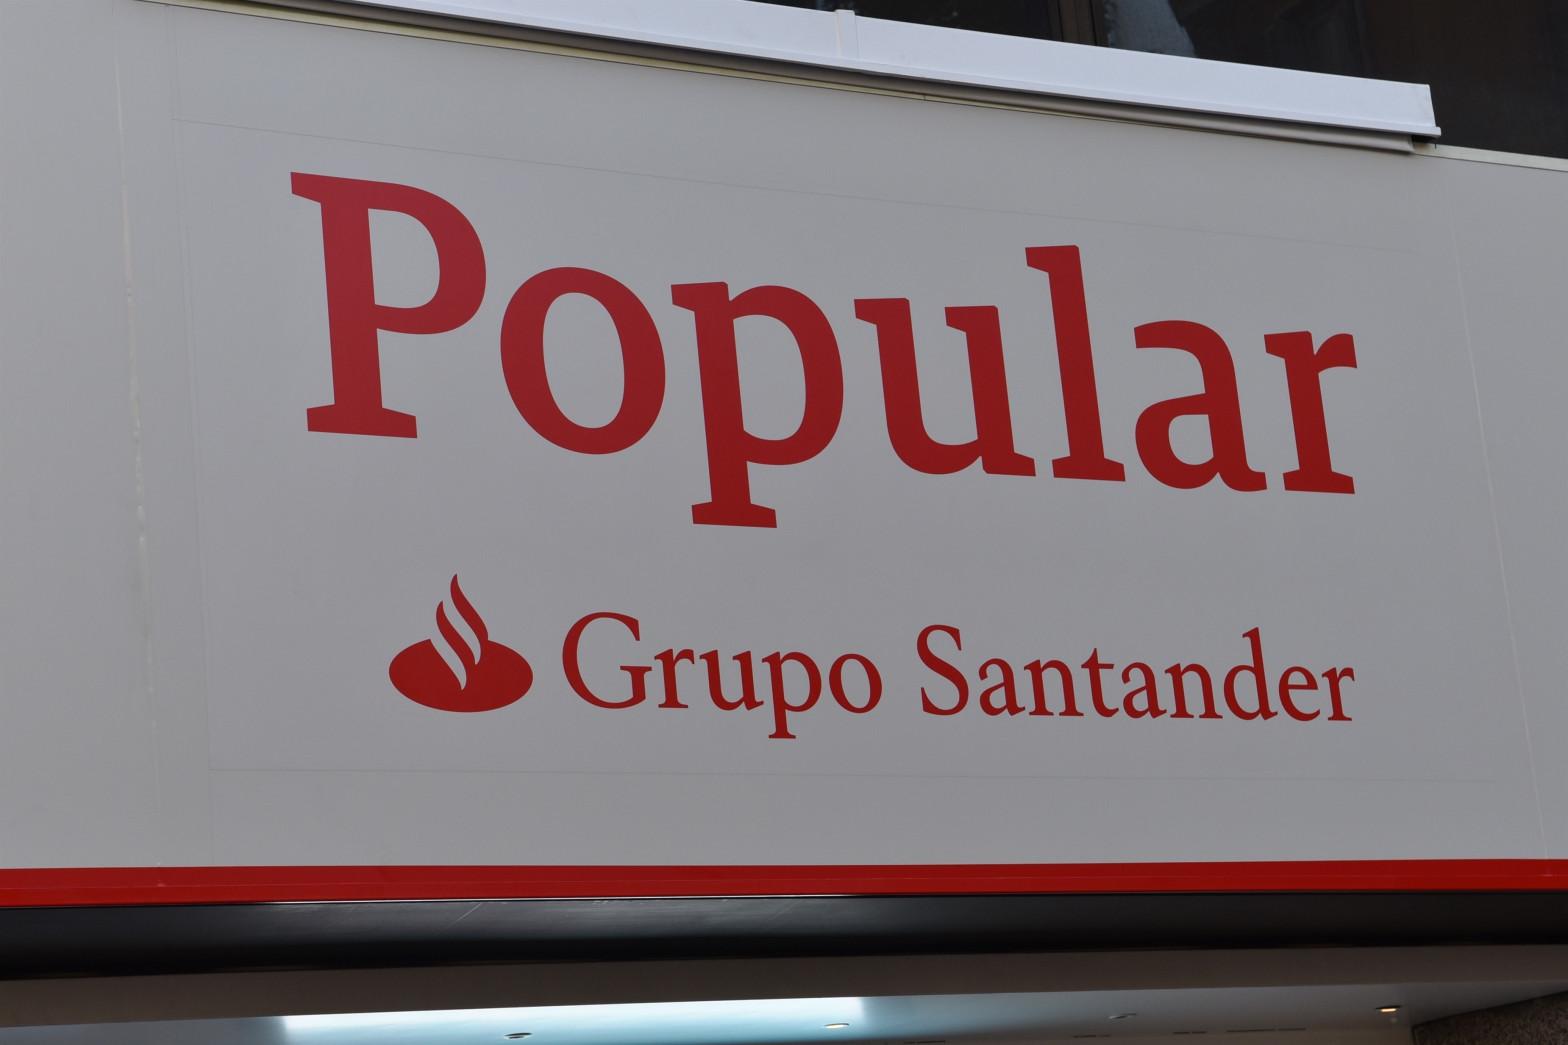 Nuevos rótulos de las oficinas de Popular tras la integración con Santander, en una imagen de octubre de 2017.